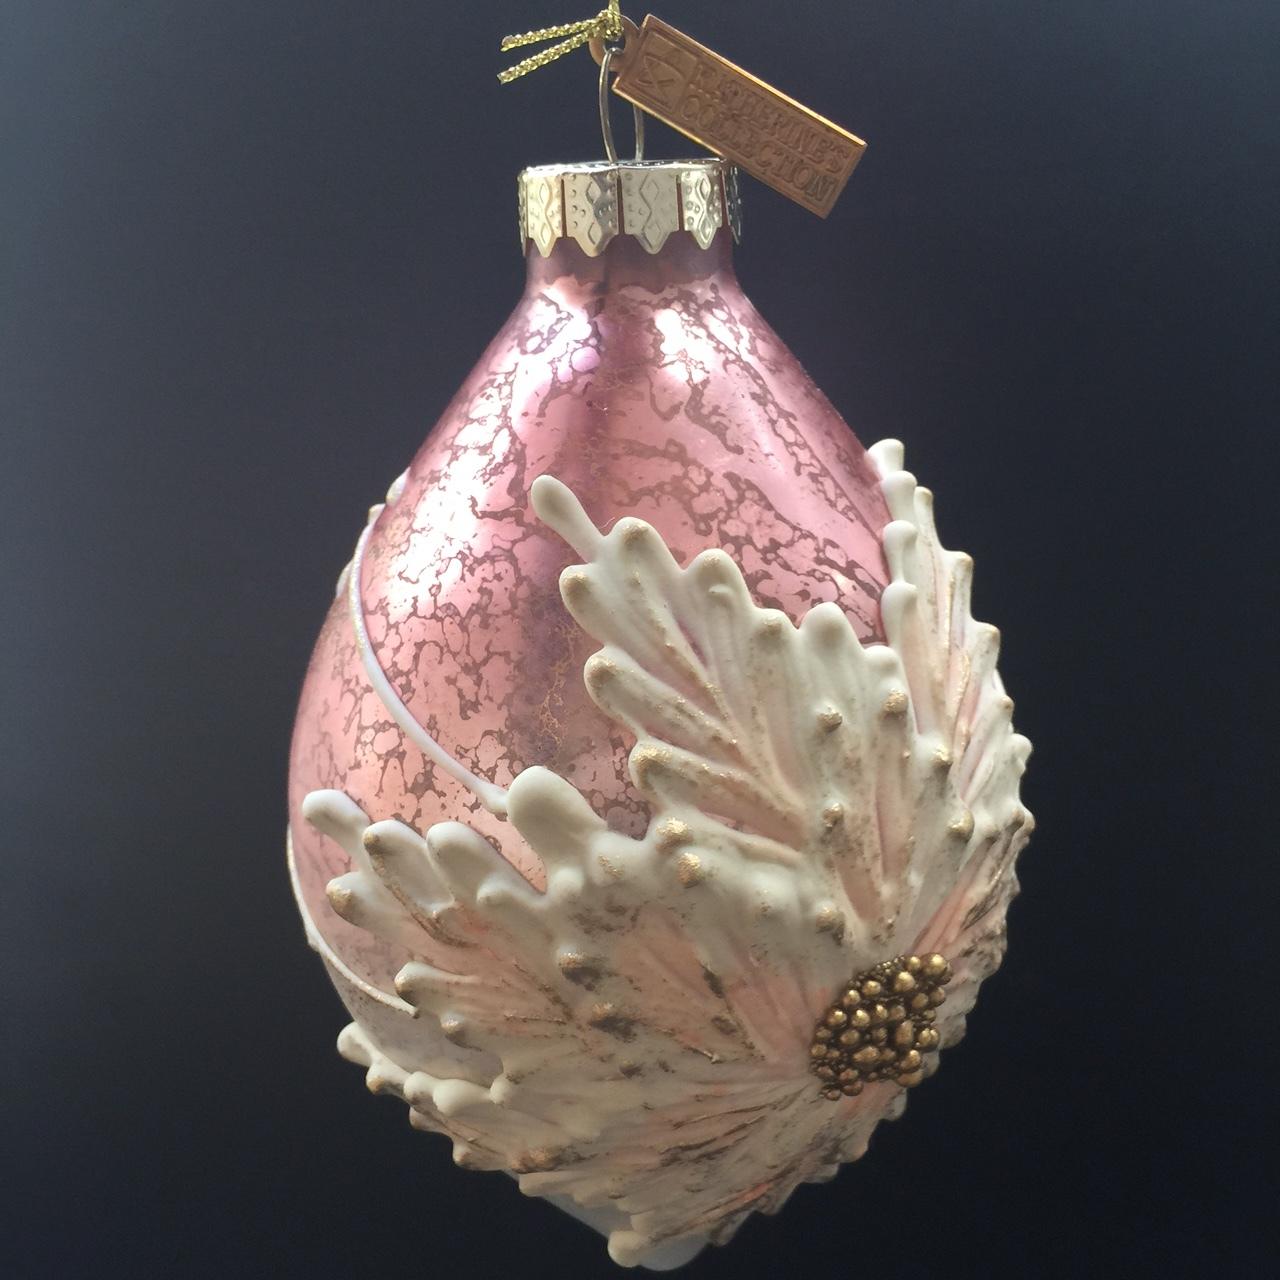 今年はノーブルなピンクが気分のクリスマス!_f0083294_23053596.jpg